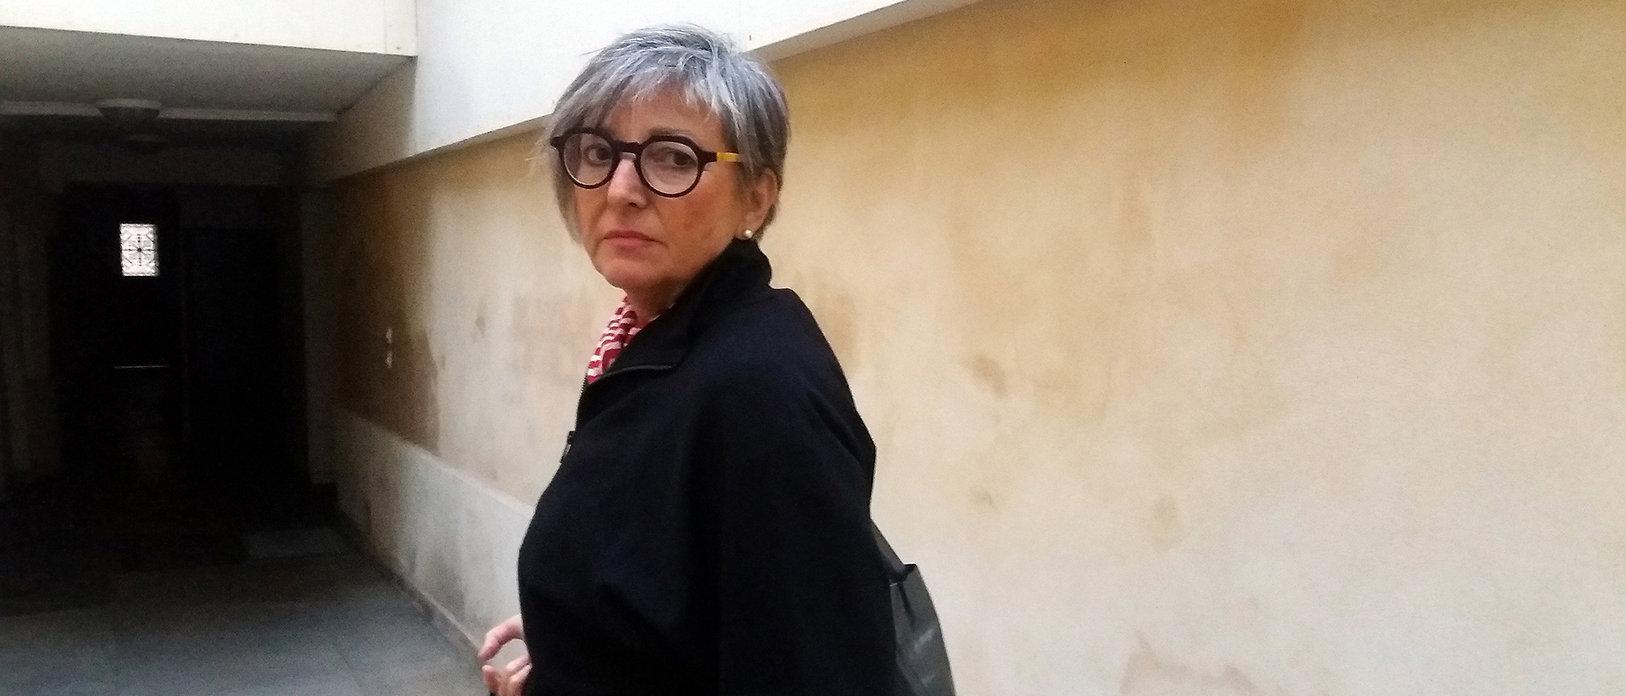 Μαίρη Λεφάκη